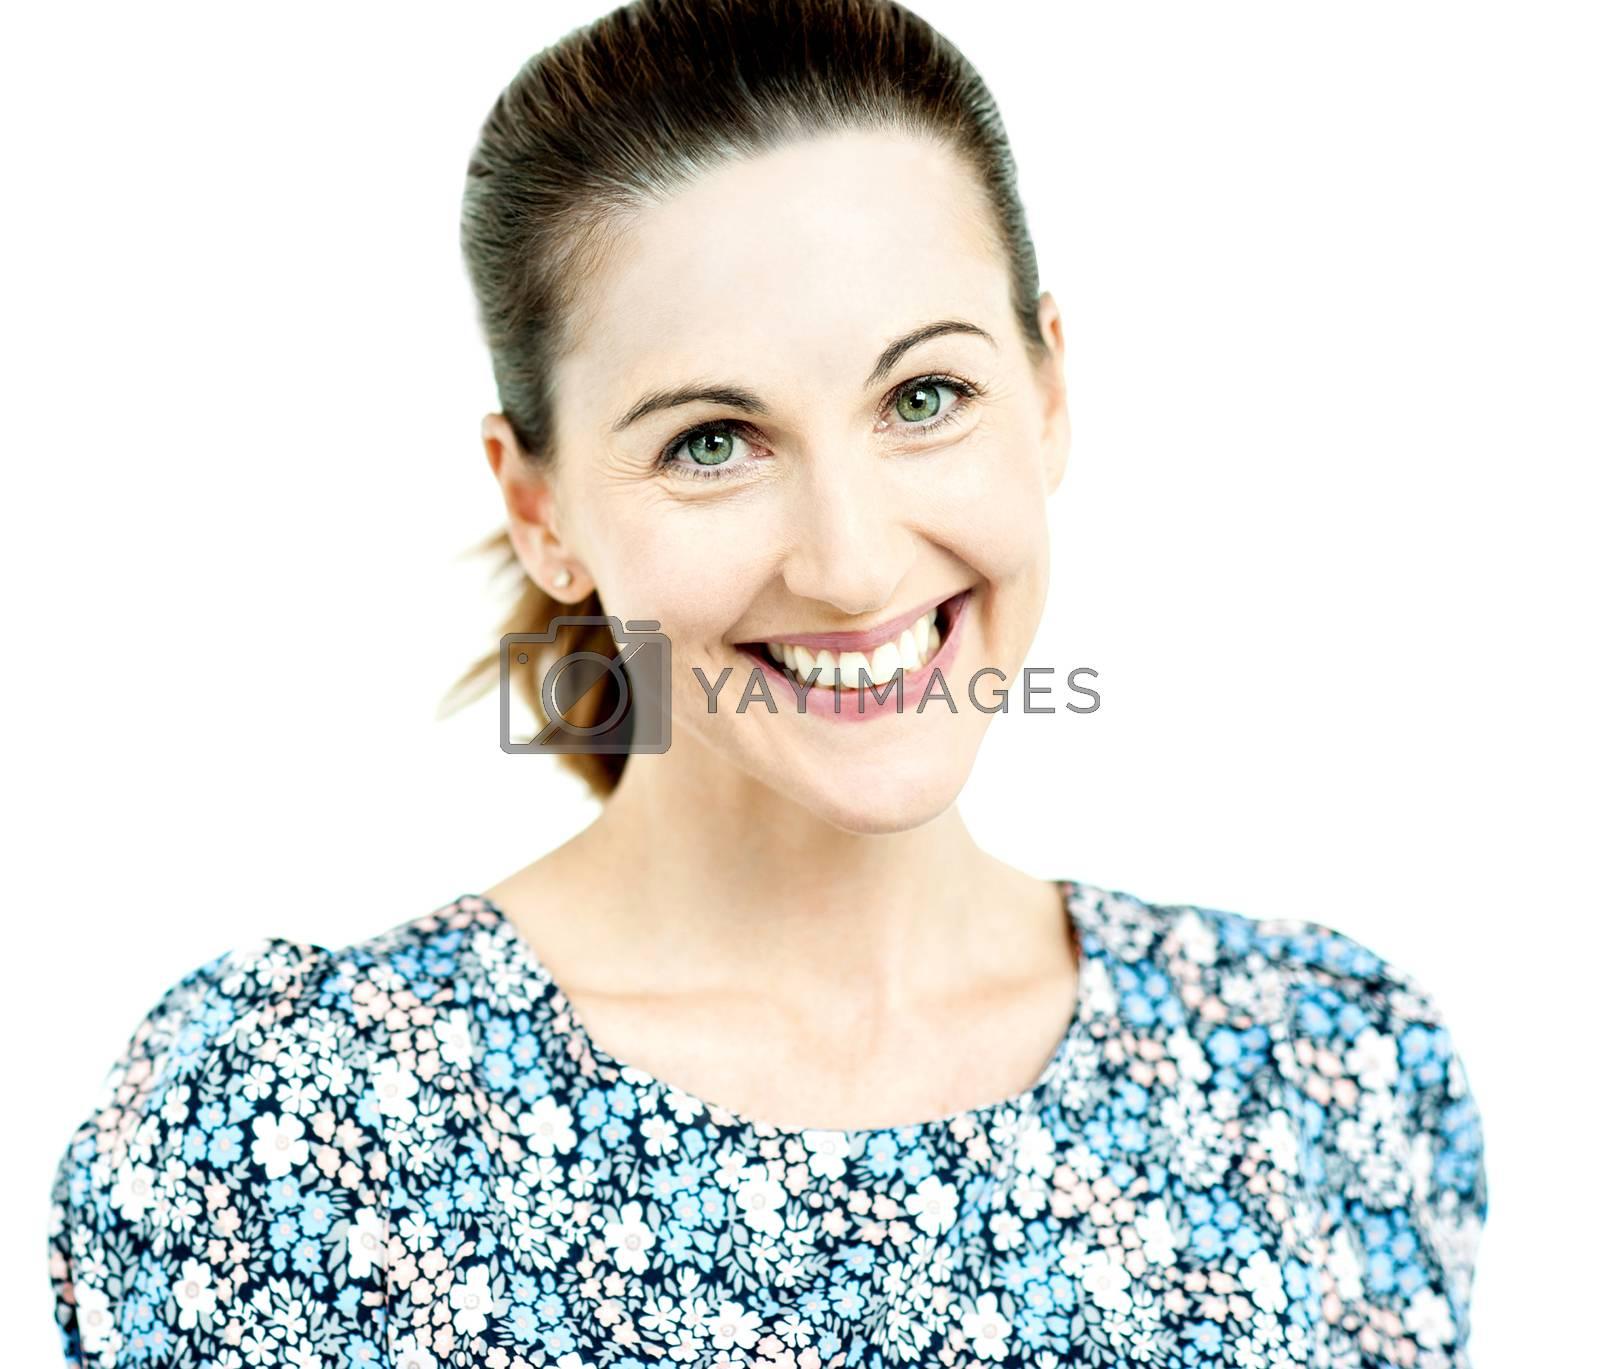 Close up of stylish woman smiling at camera